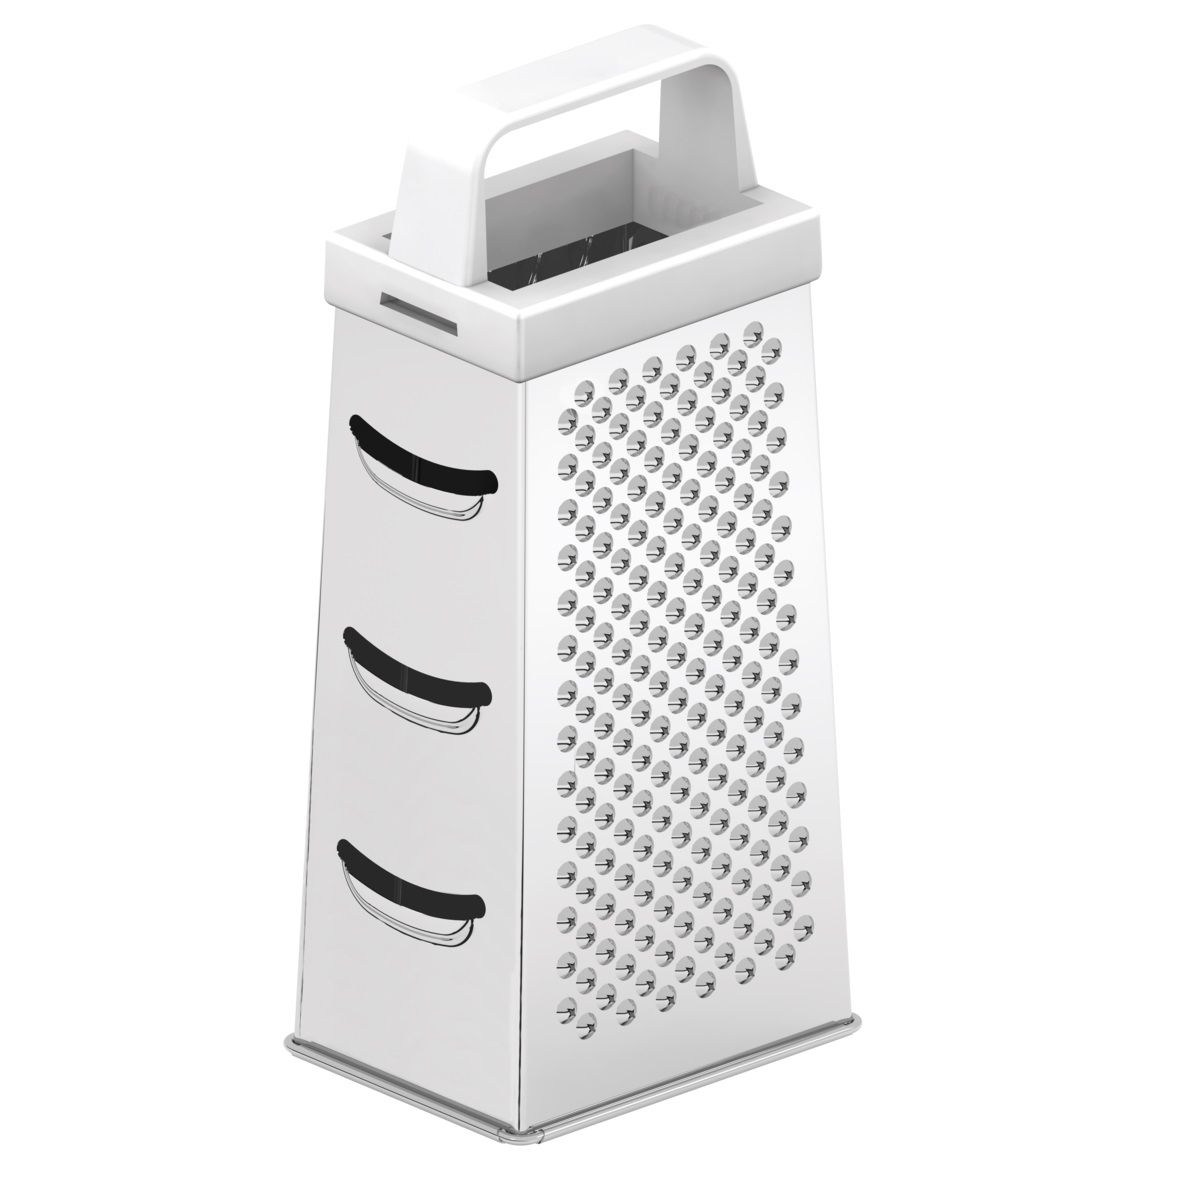 Ralador 4 Faces Tramontina Utilitá em Aço Inox e Alça em ABS